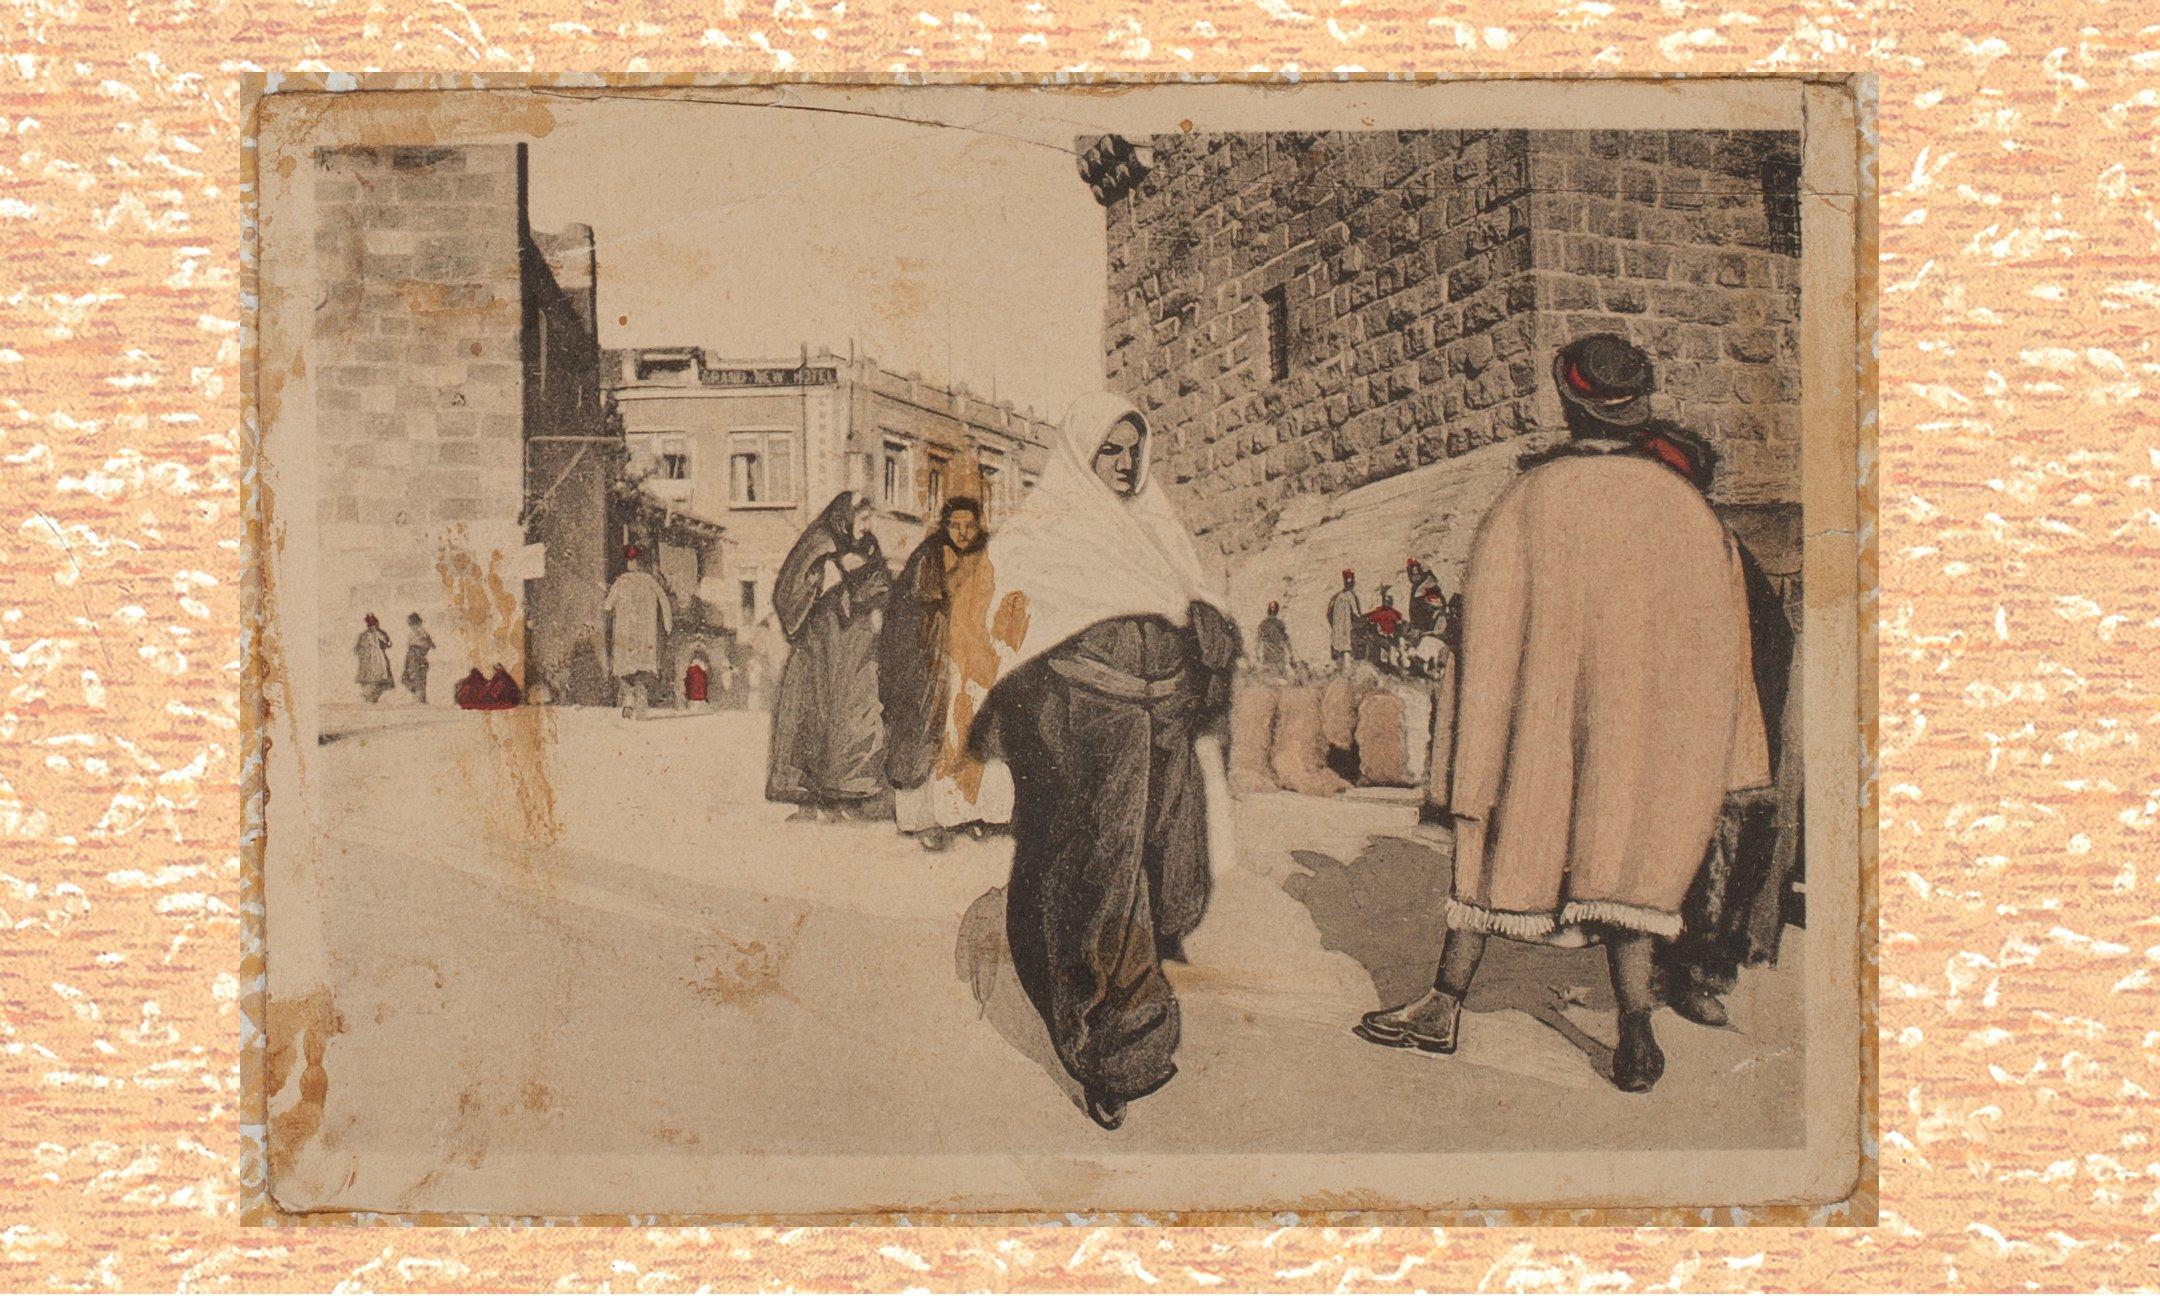 Een kaart van de Davidstoren in Jerusalem, uit het begin van de vorige eeuw. Anne schrijft in haar dagboek dat Margot na de oorlog graag naar Palestina wil om daar als kraamverzorgster te werken.